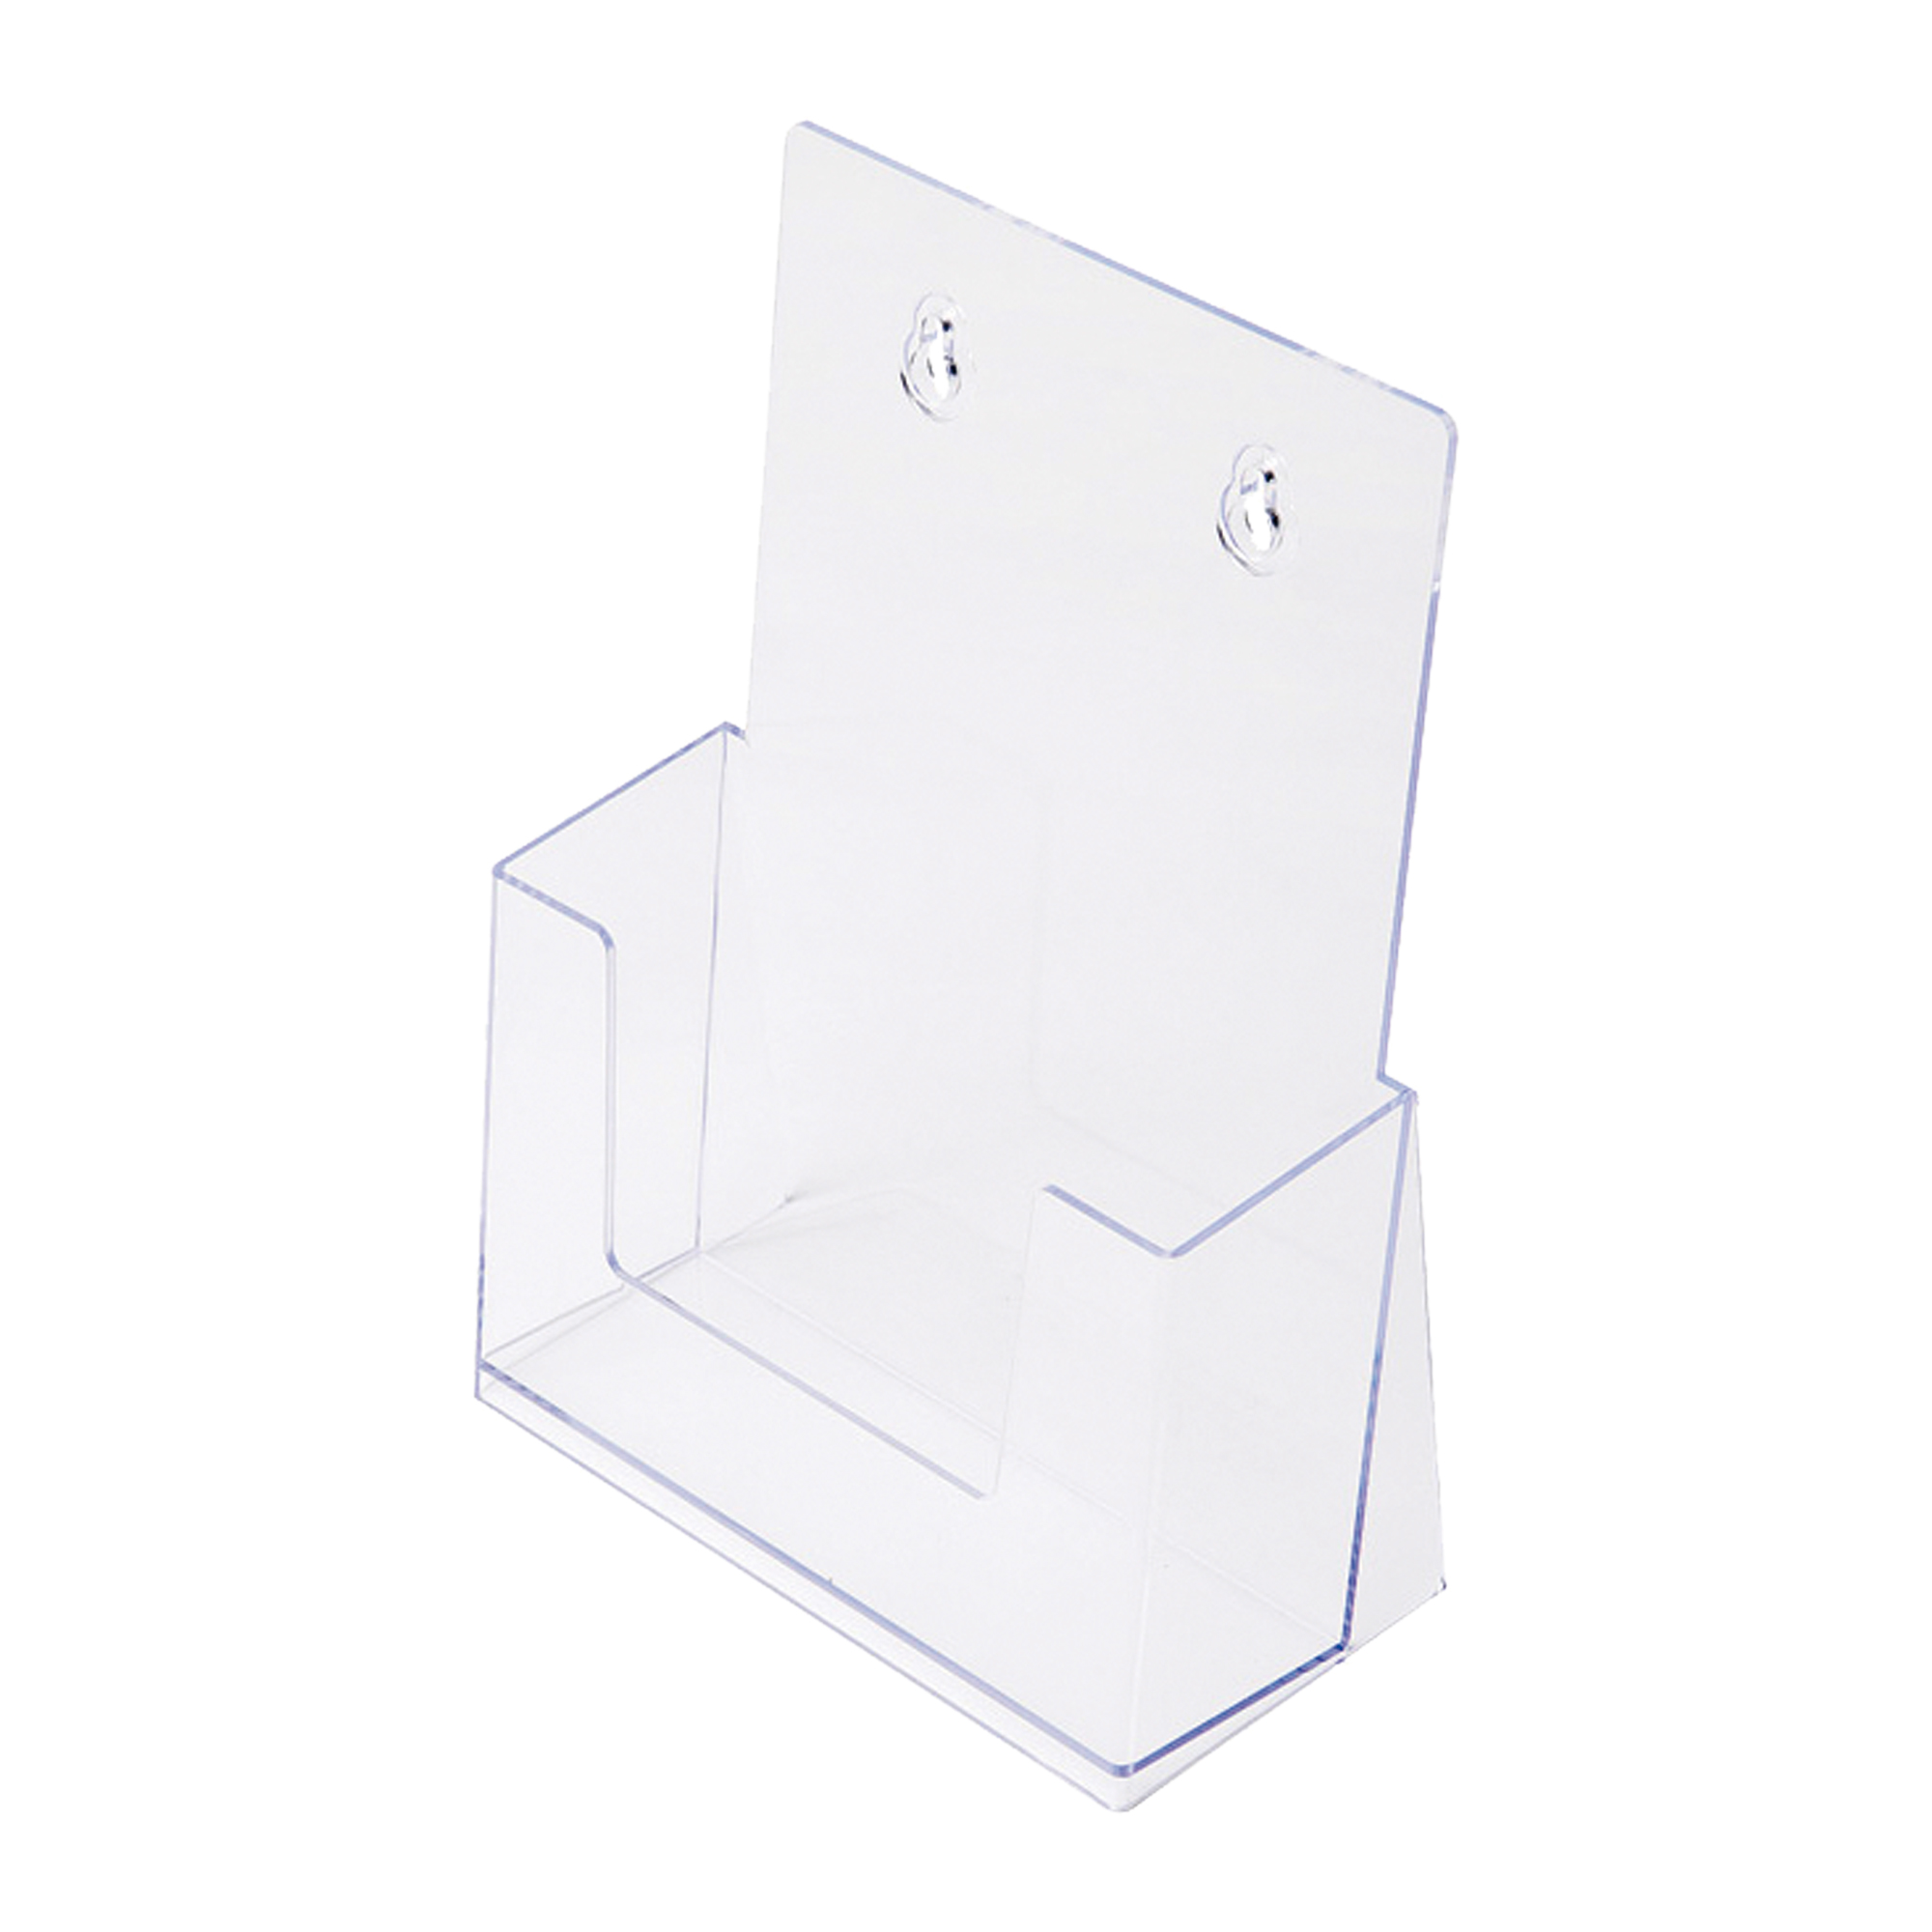 Prospekthalter Tisch/Wand A5